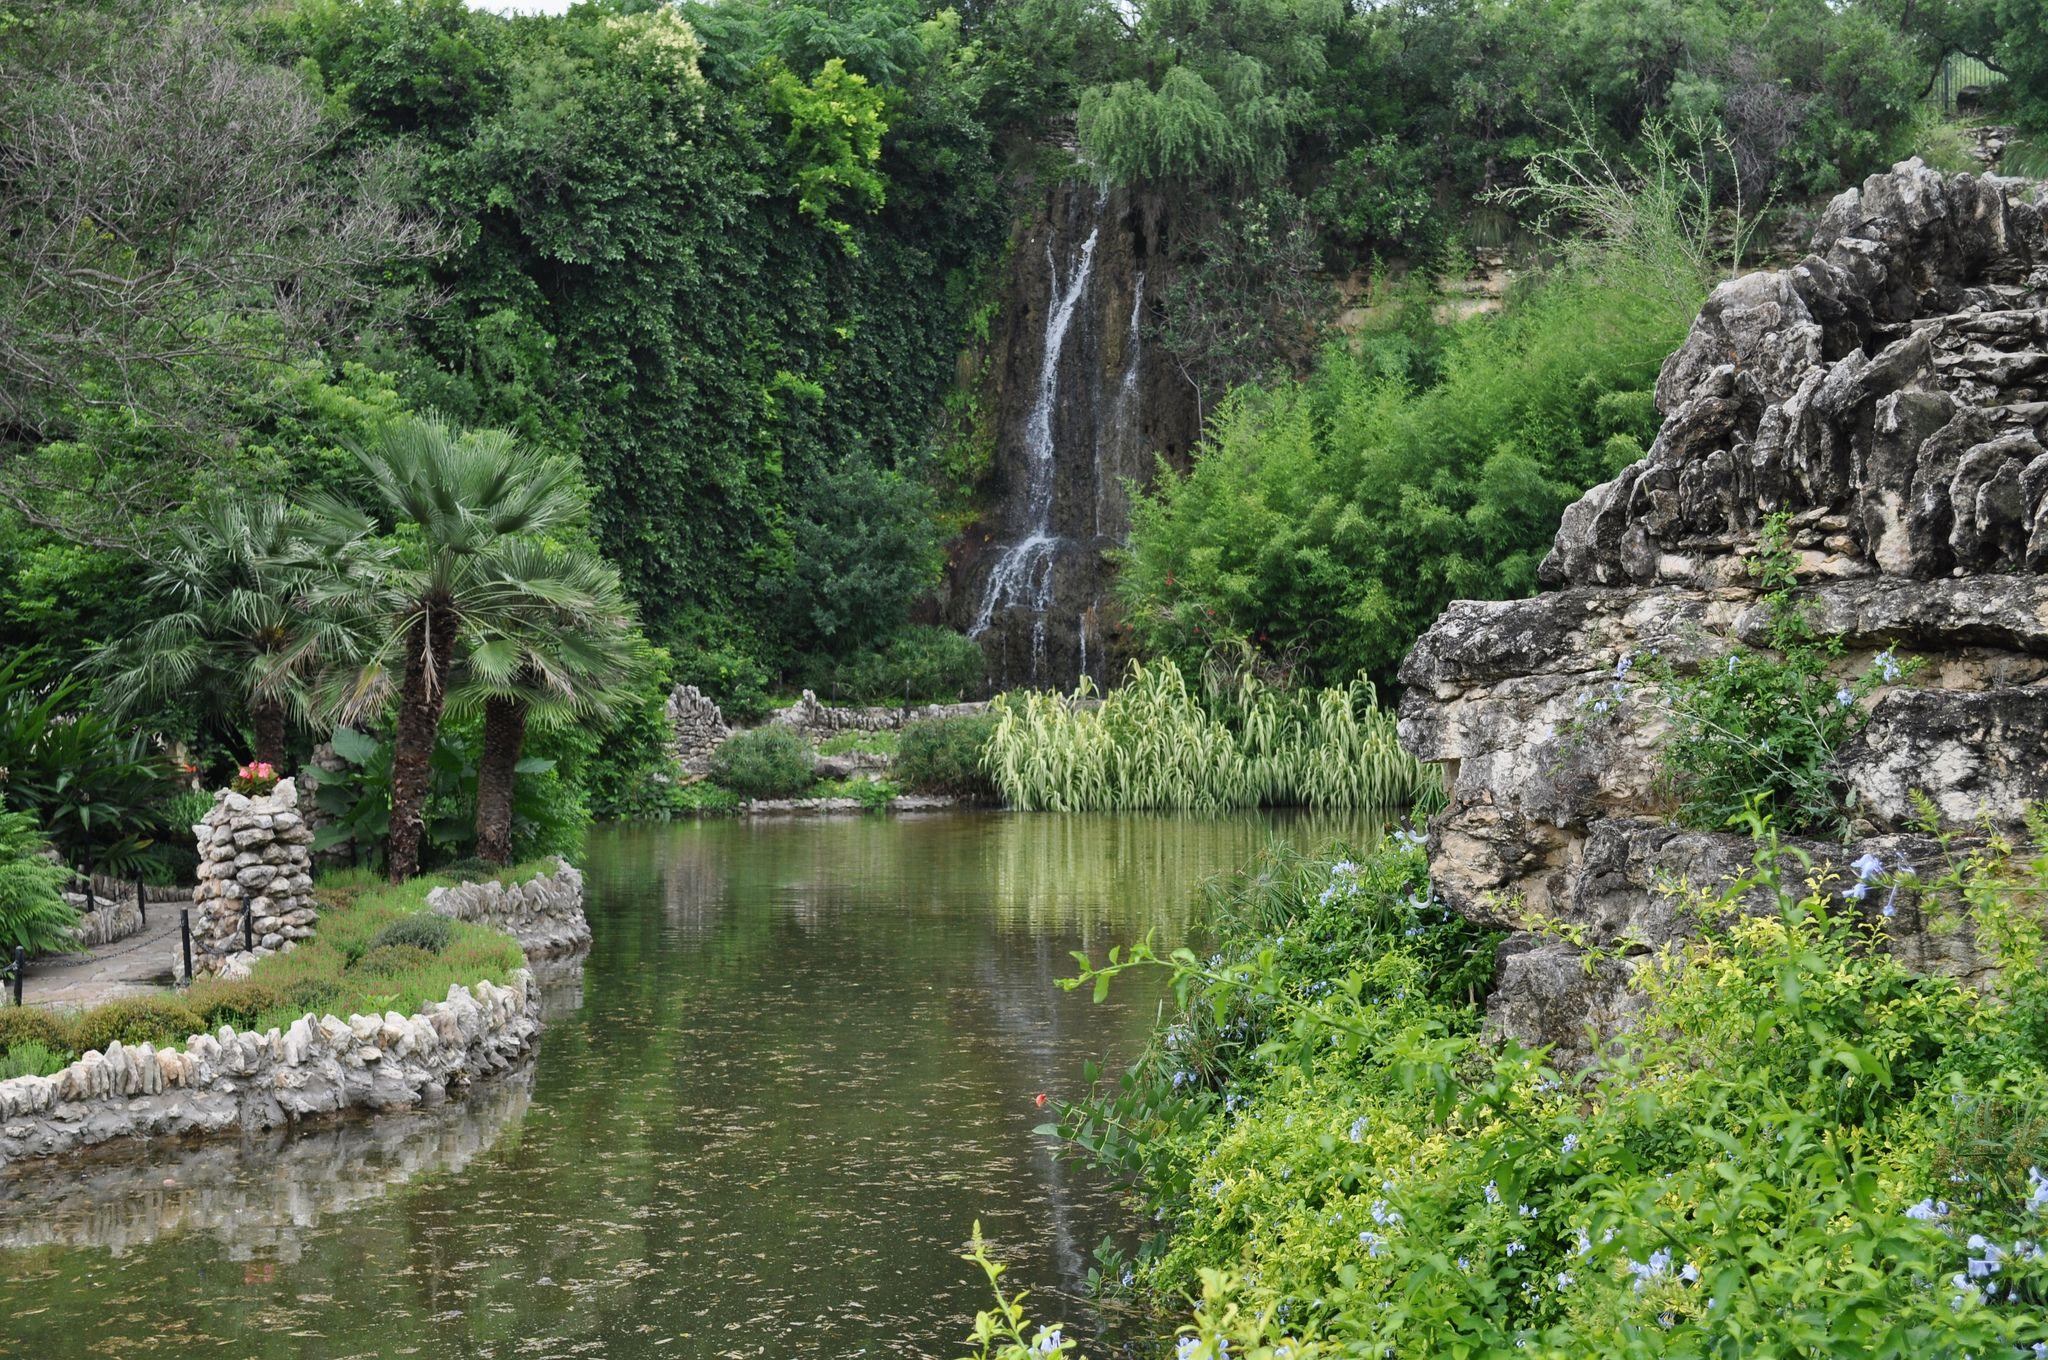 Oasis in the heart of San Antonio, Japanese Tea Garden